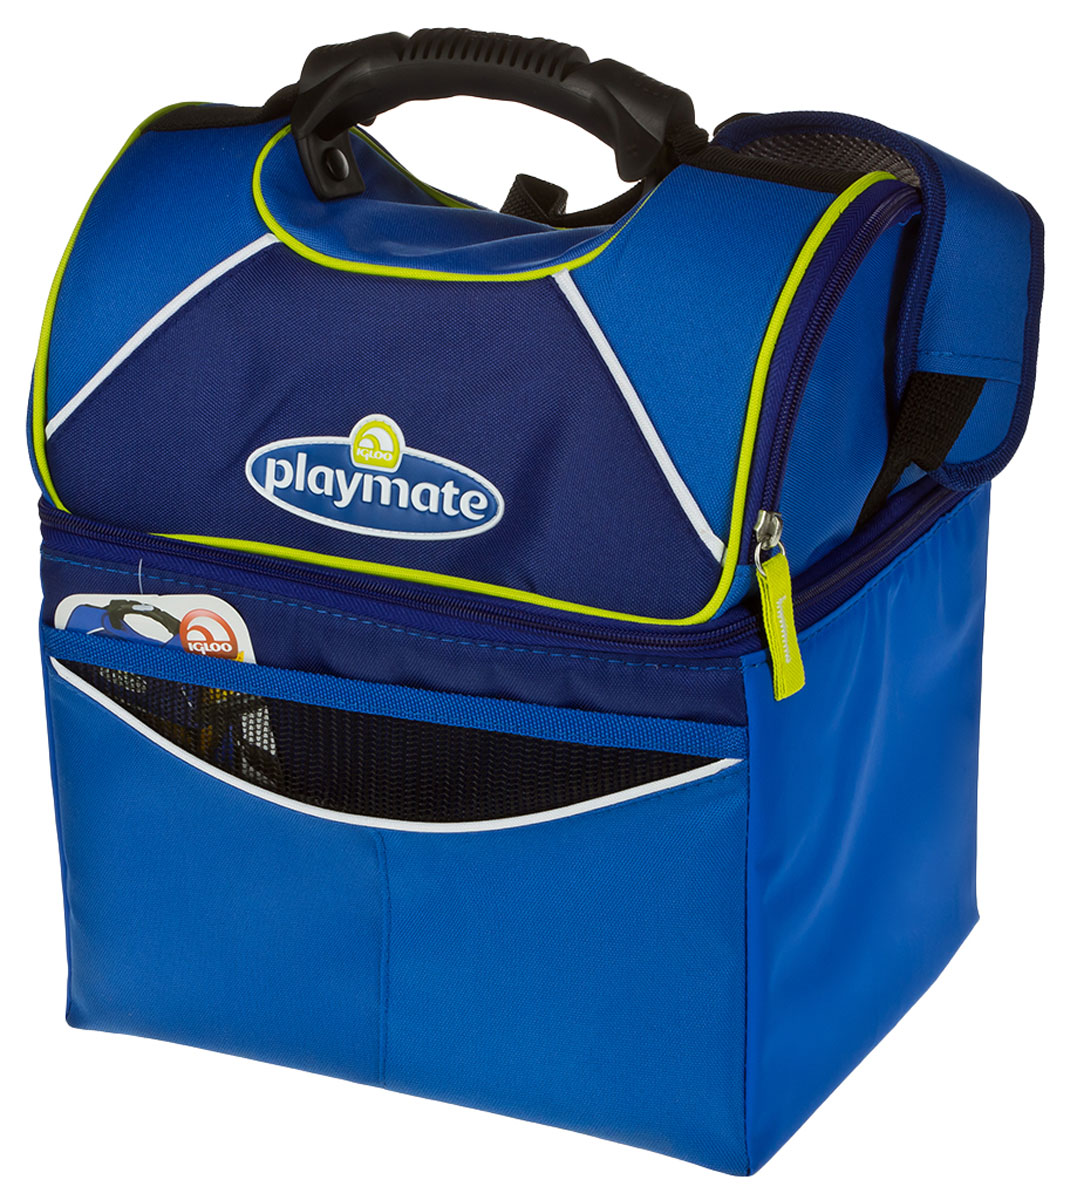 Сумка-термос Igloo PM GRIPPER 22, цвет: синий00157766Малая изотермическая сумка с регулируемым по длине плечевым ремнем на мягкой плечевой подложке, фронтальным карманом и карманом-сеткой на внутренней части крышки. Превосходно подойдет для индивидуального, ежедневного использования.Преимущества:- Она легкая и вместительная изотермическая сумка идеальна для семейного отдыха.- Прочная и практичная в уходе внешняя ткань.- Внутренний отражающий слой с антибактериальным покрытием абсолютно герметичен.- Надежная изоляция обеспечивает продолжительное сохранение температуры продуктов.- Внешний карман для мелких предметов.- Внутренний карман-сетка.- Регулируемый по длине ремень для переноски на плече c мягкой, противоскользящей подушкой.- Опция бокового доступа к карману-сетке в верхней части крышки.Длина: 29,2 см.Ширина: 24,1 см. Высота: 35,6 см.